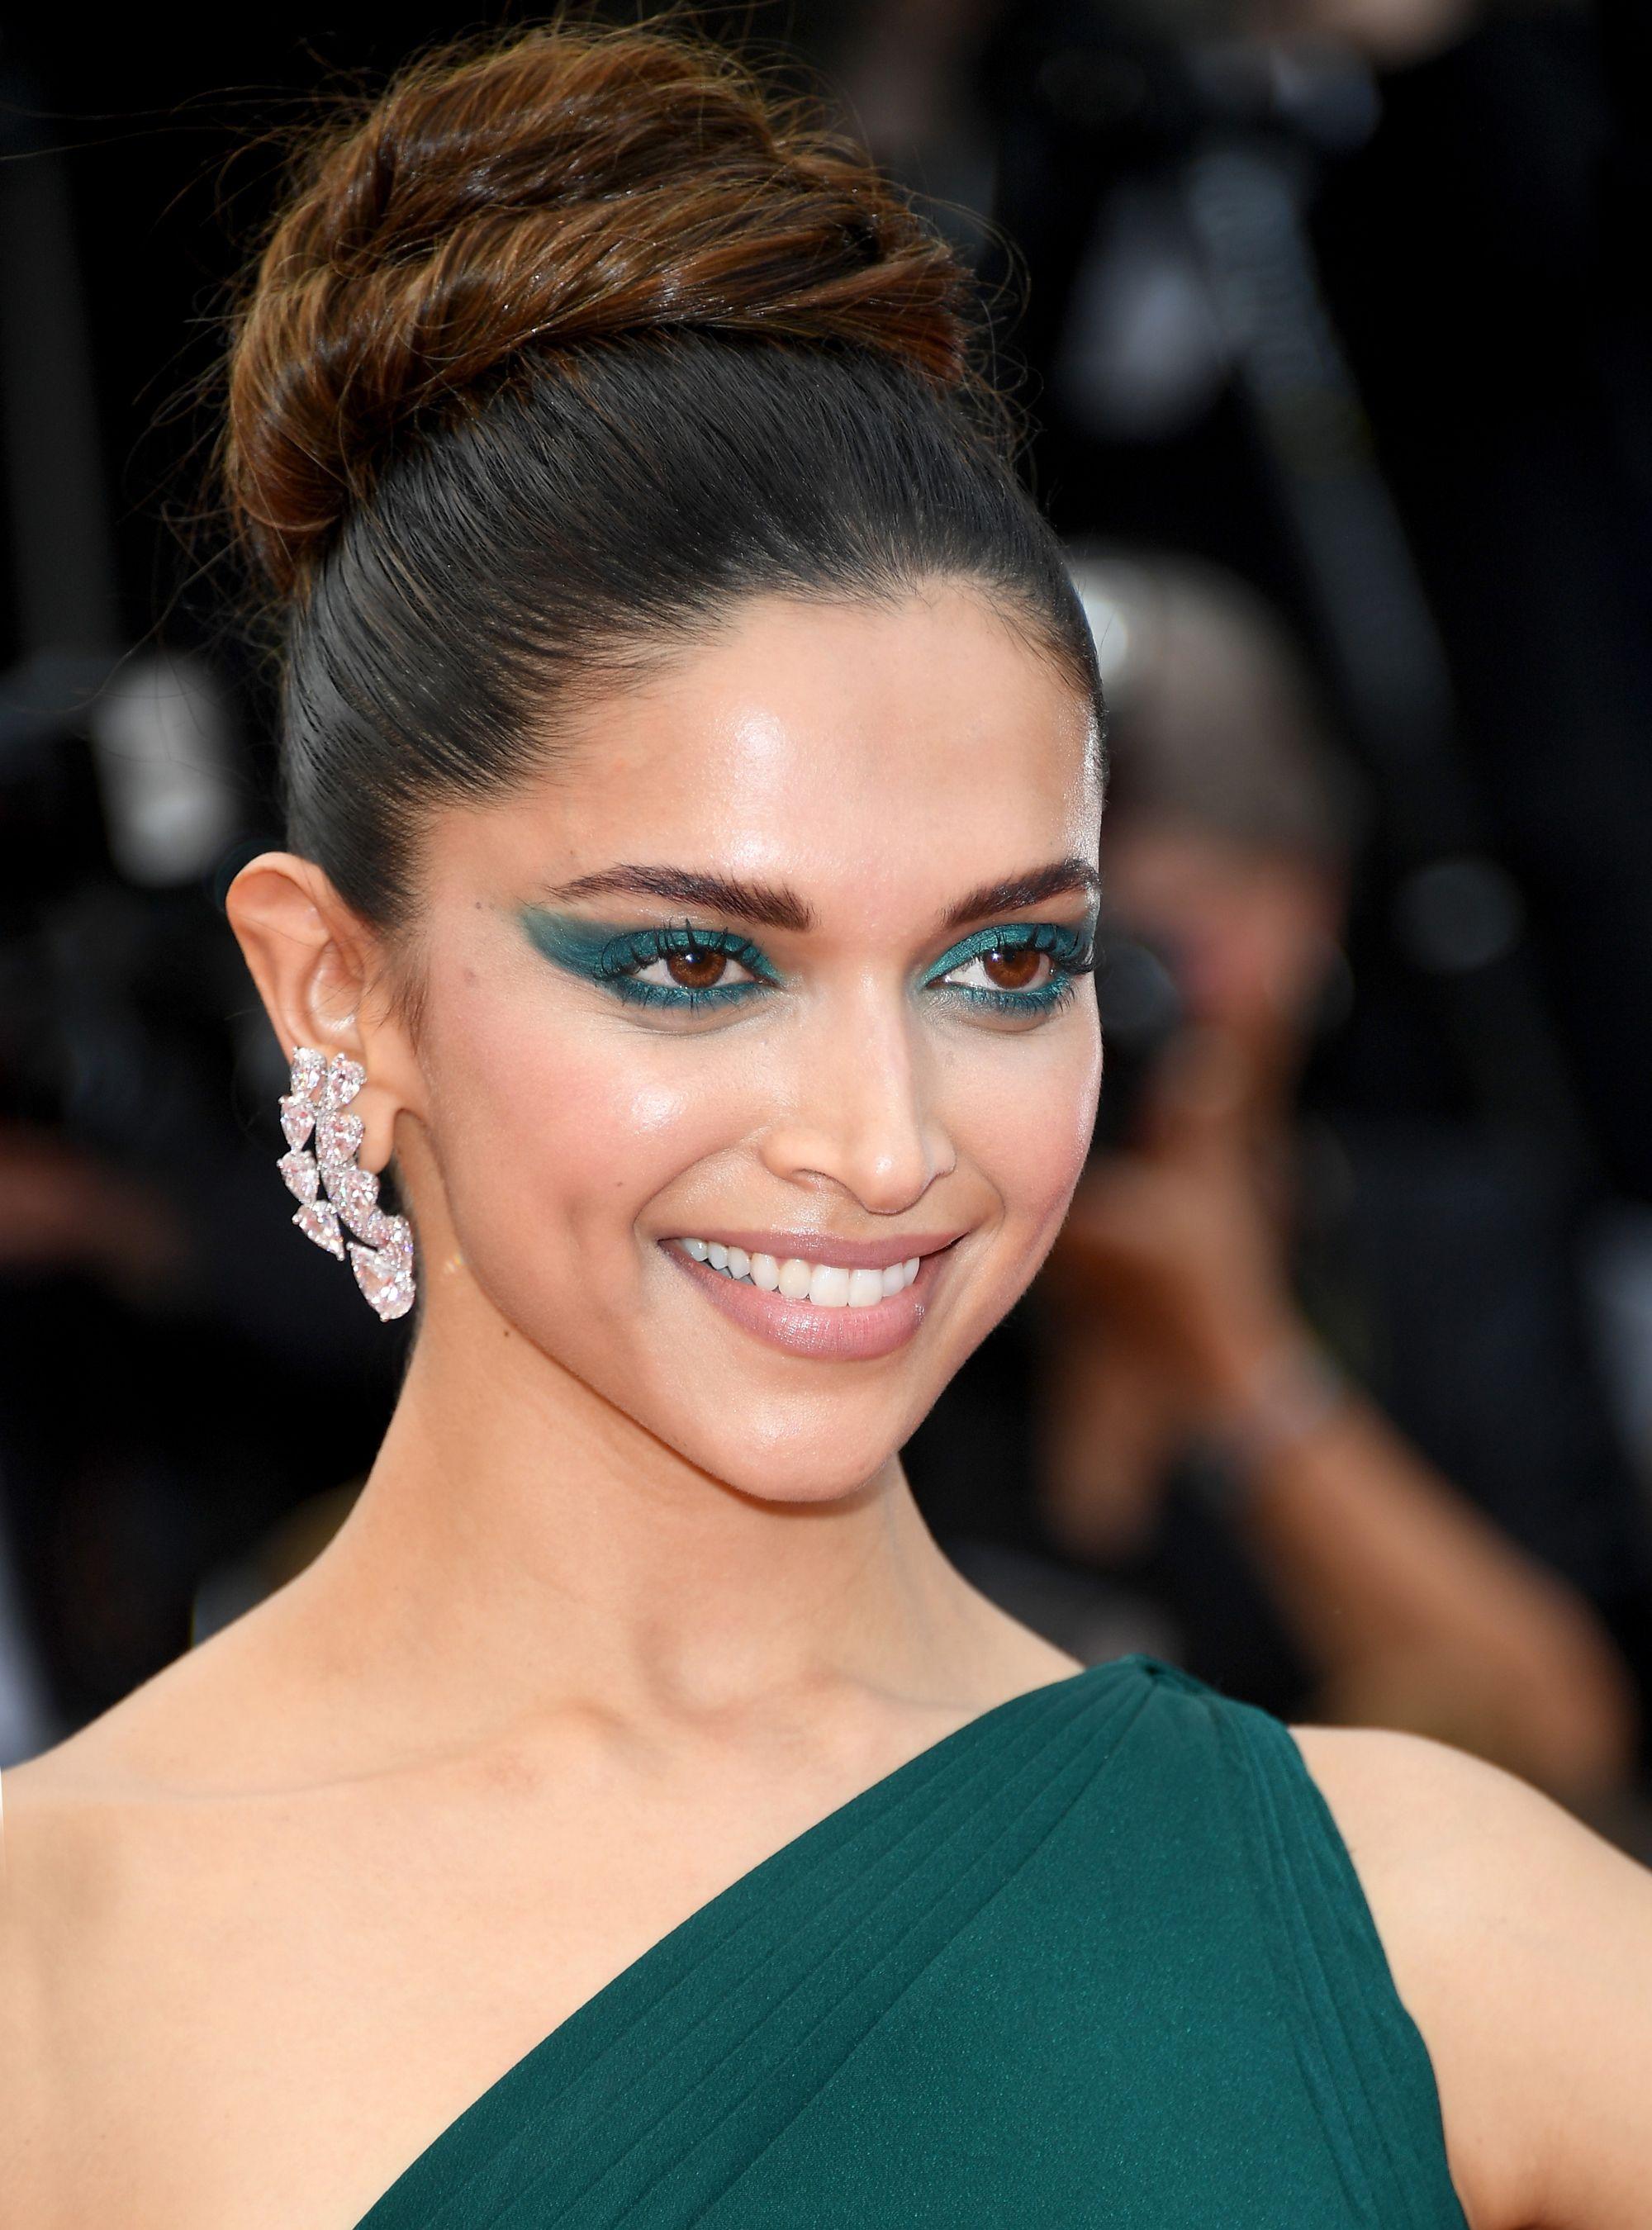 Deepika Padukone Eye Makeup Tips - Deepika Padukone Age